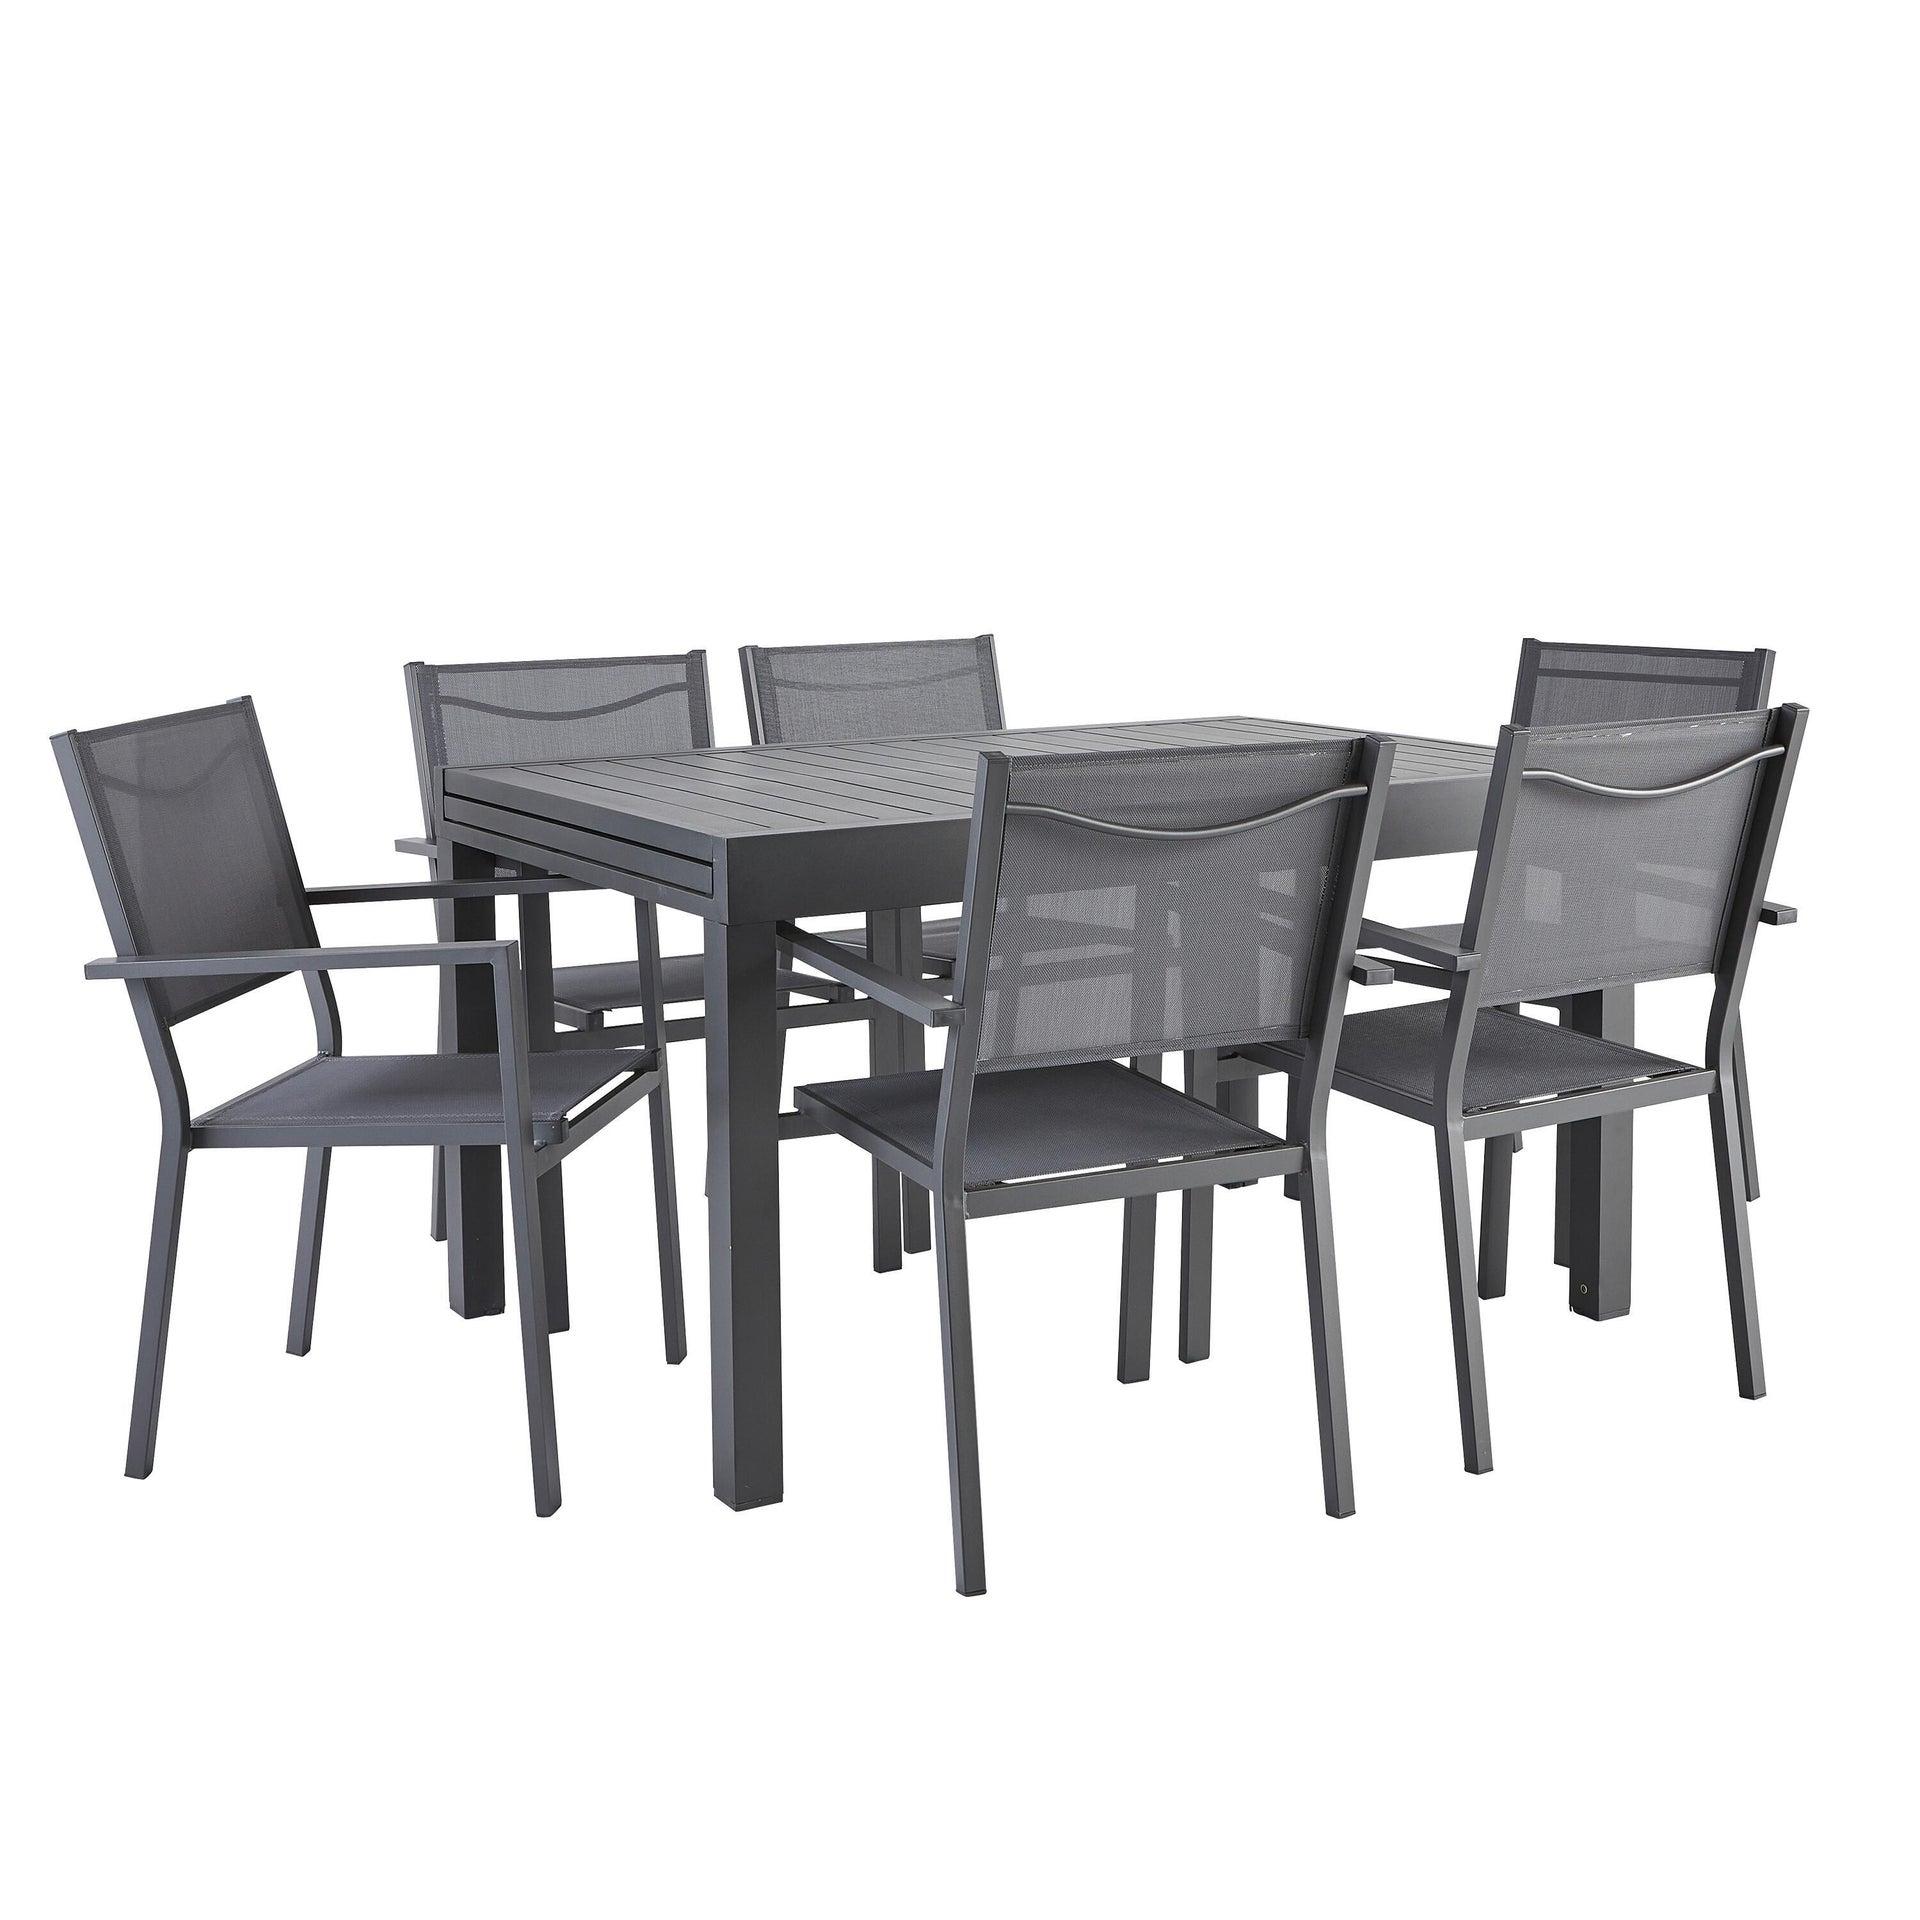 Tavolo da giardino allungabile rettangolare Lisbon con piano in alluminio L 135/270 x P 90 cm - 9